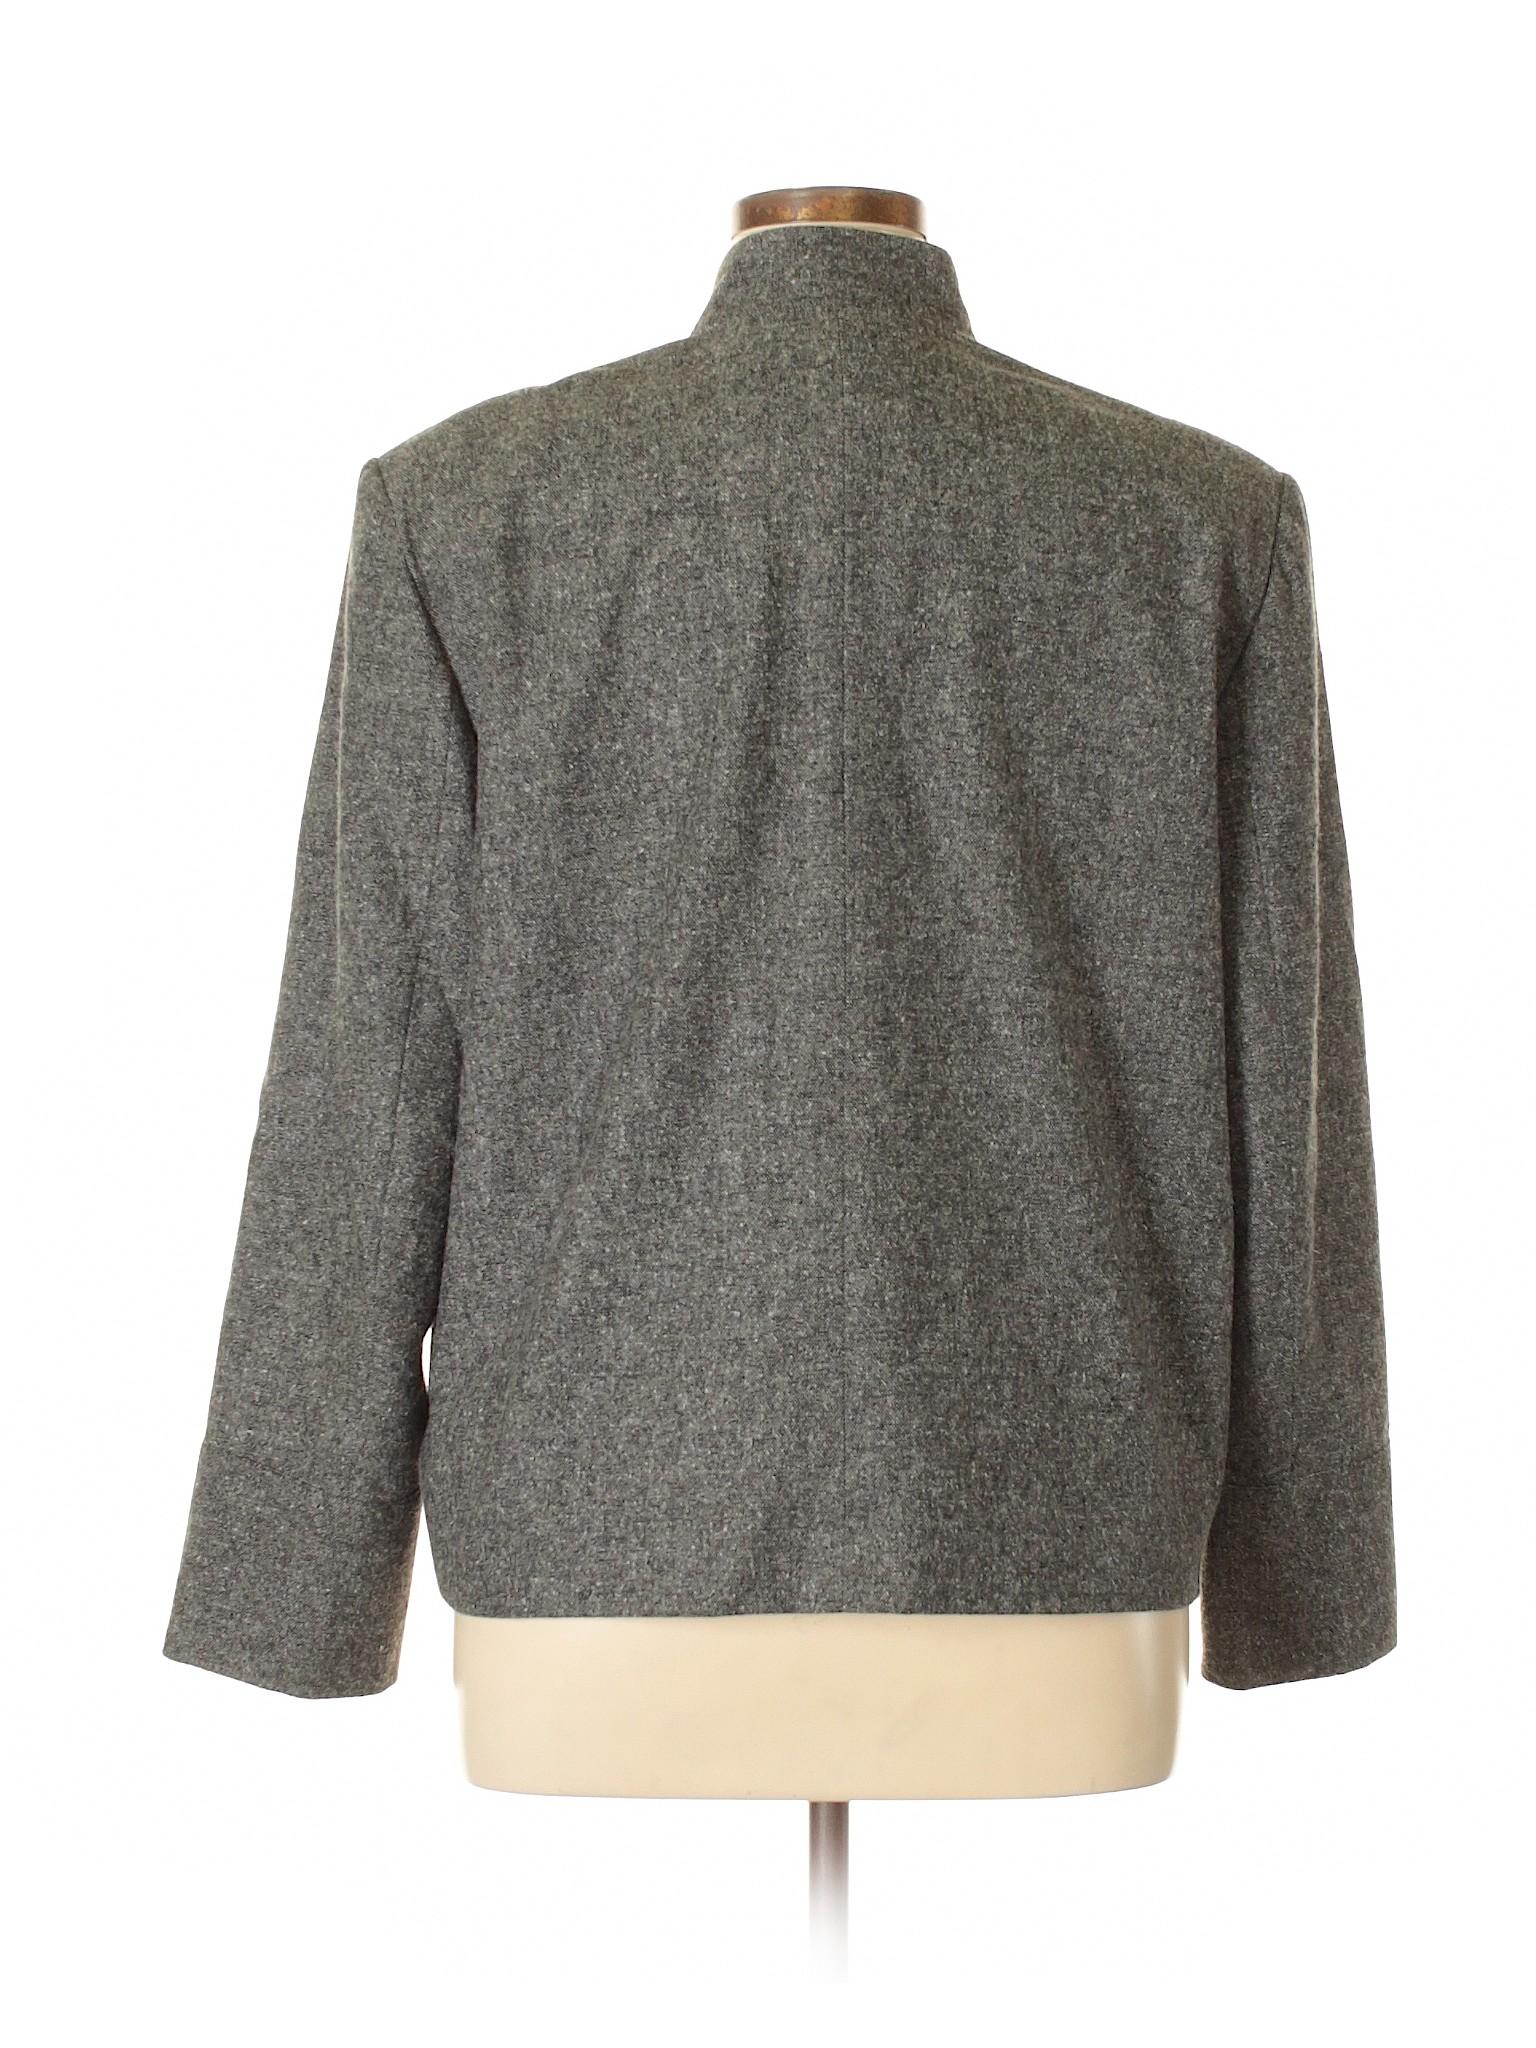 Nygard Collection Nygard Boutique winter Boutique Collection Blazer Blazer winter zHBqcTCxw